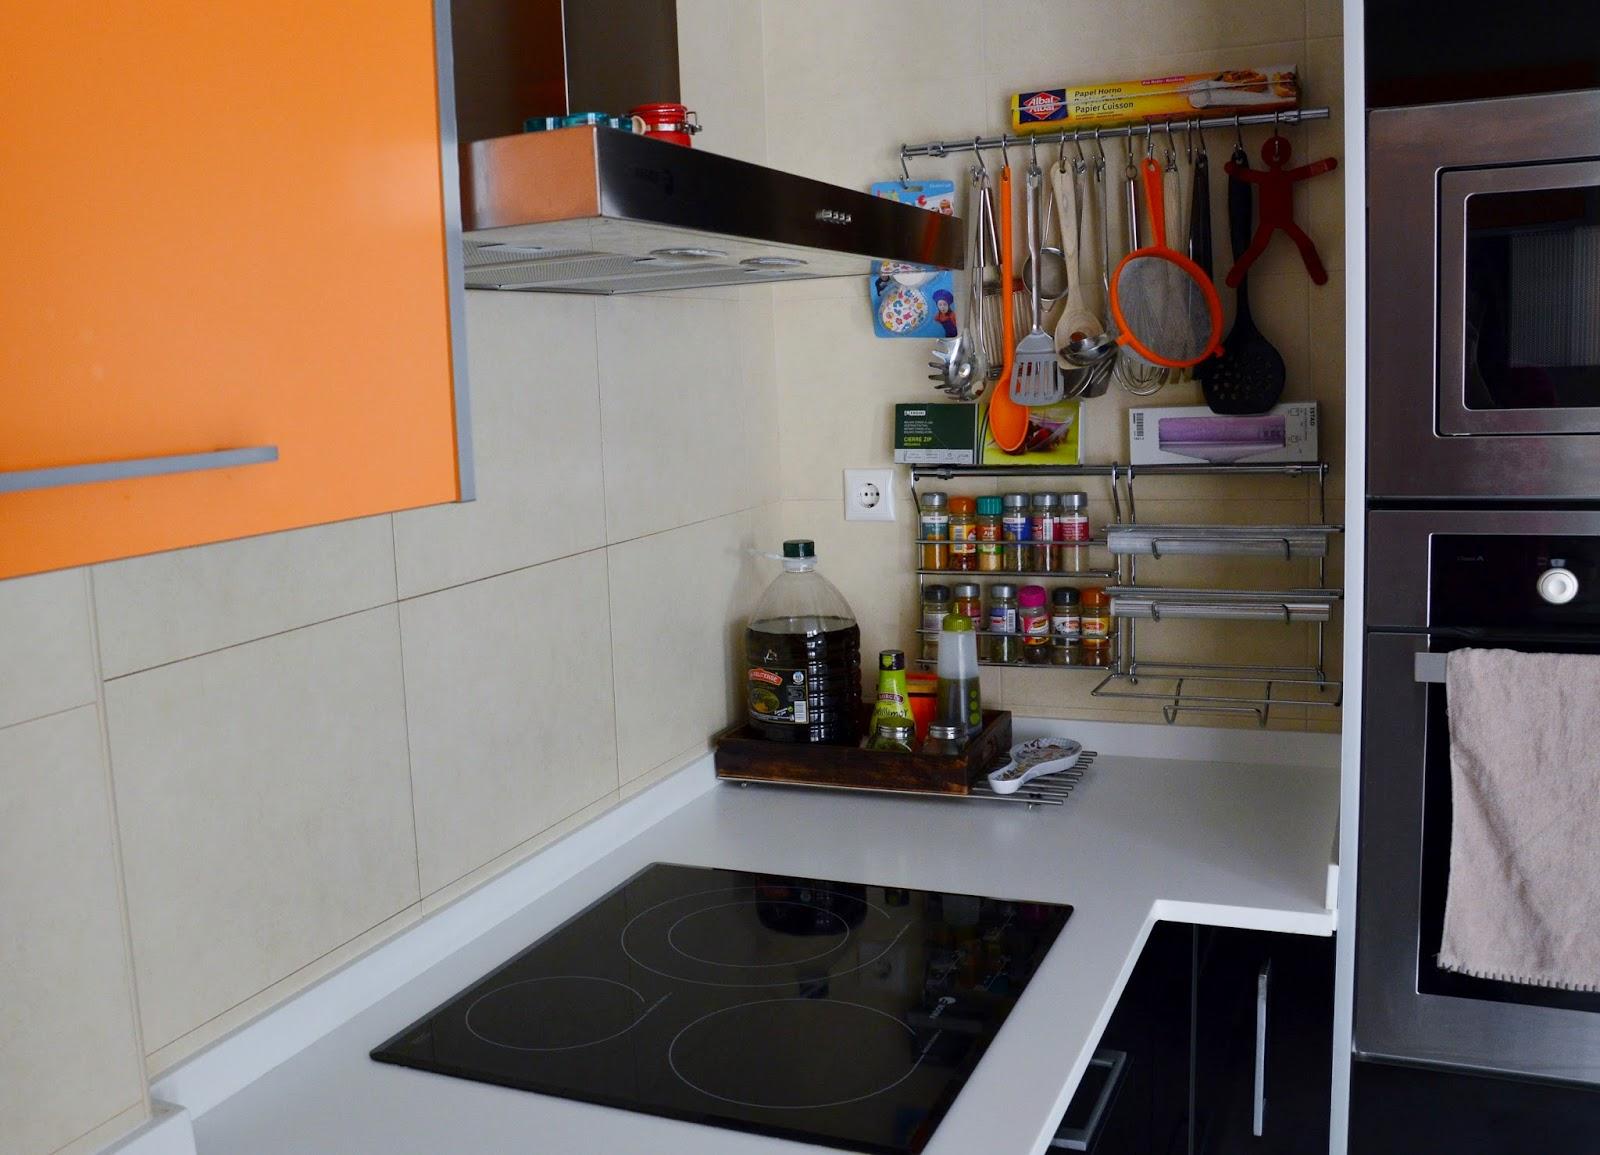 I d e a la cocina del a o nuestra ocina - Colgar muebles de cocina ...